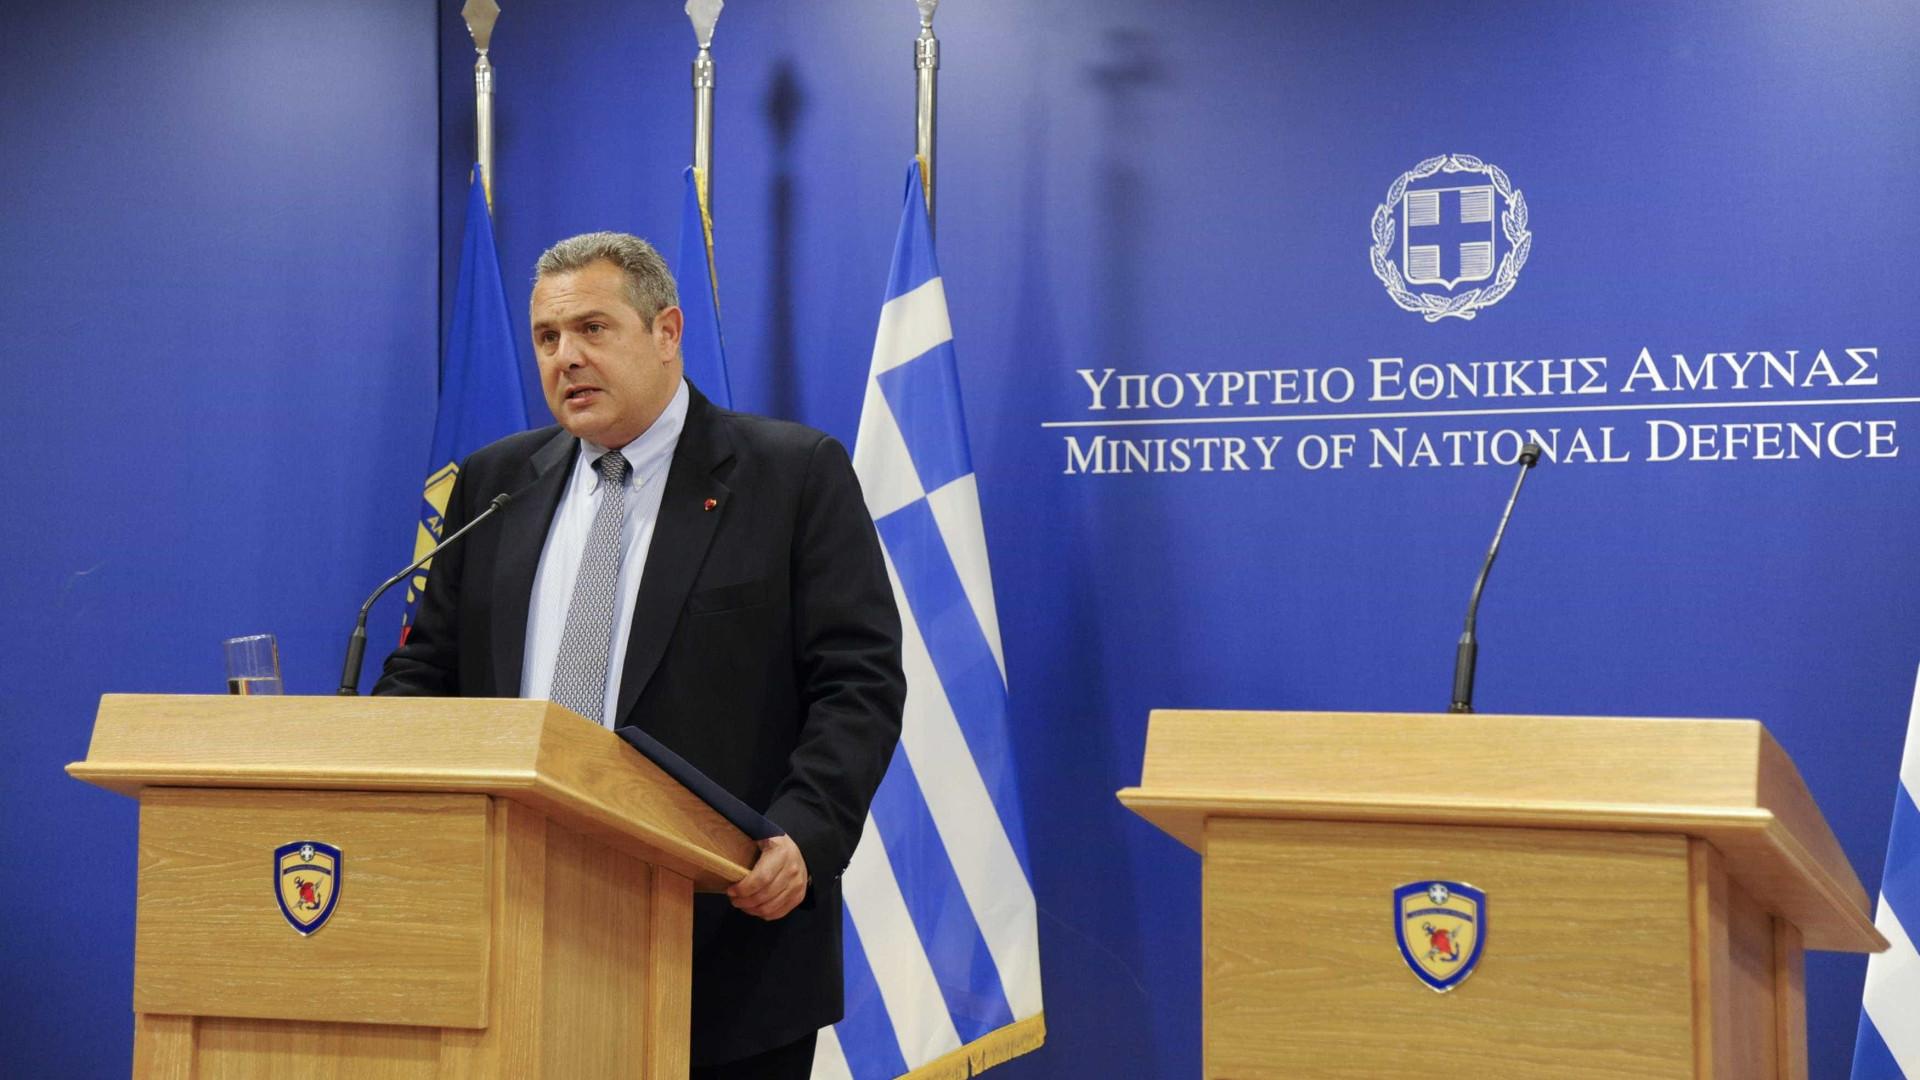 Ministro grego demite-se antes de votação sobre nome da Macedónia